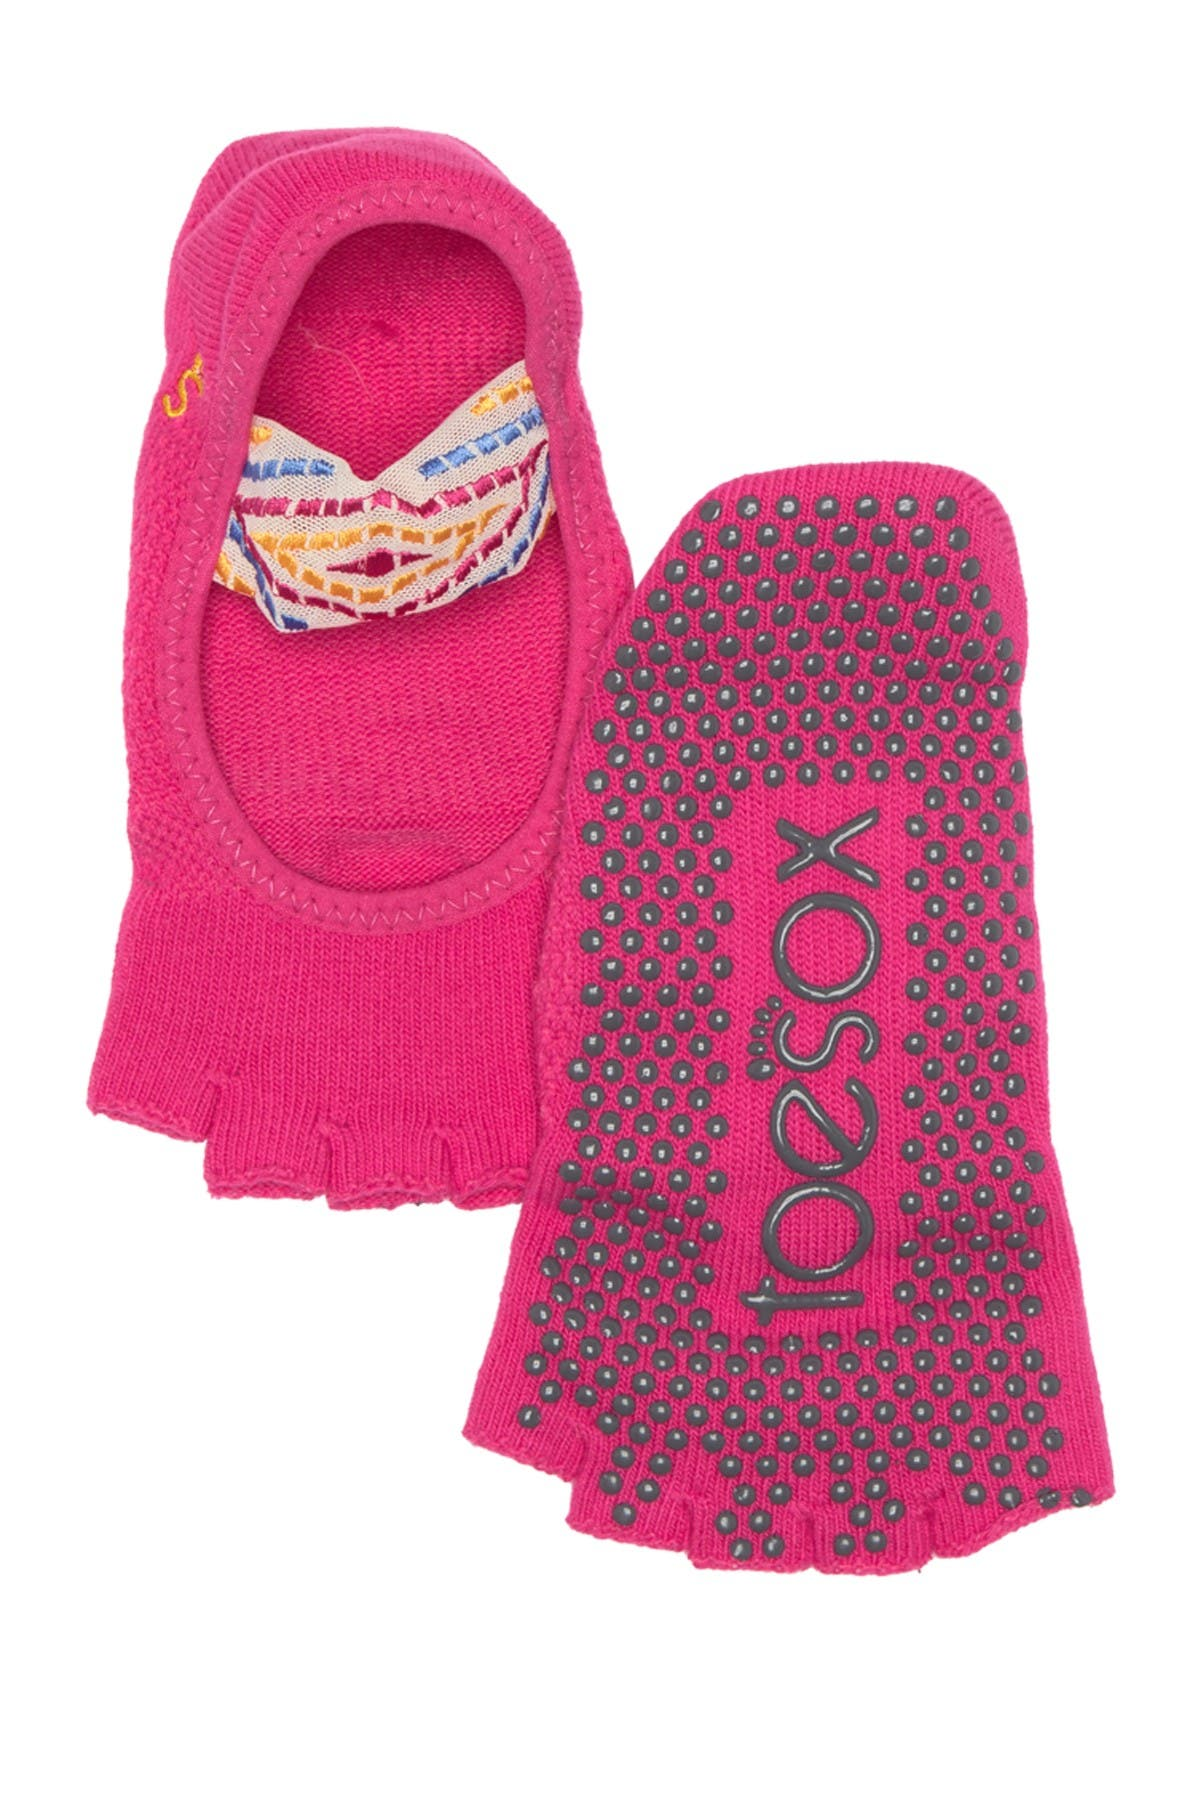 Image of ToeSox Half Toe Mia Grip Socks